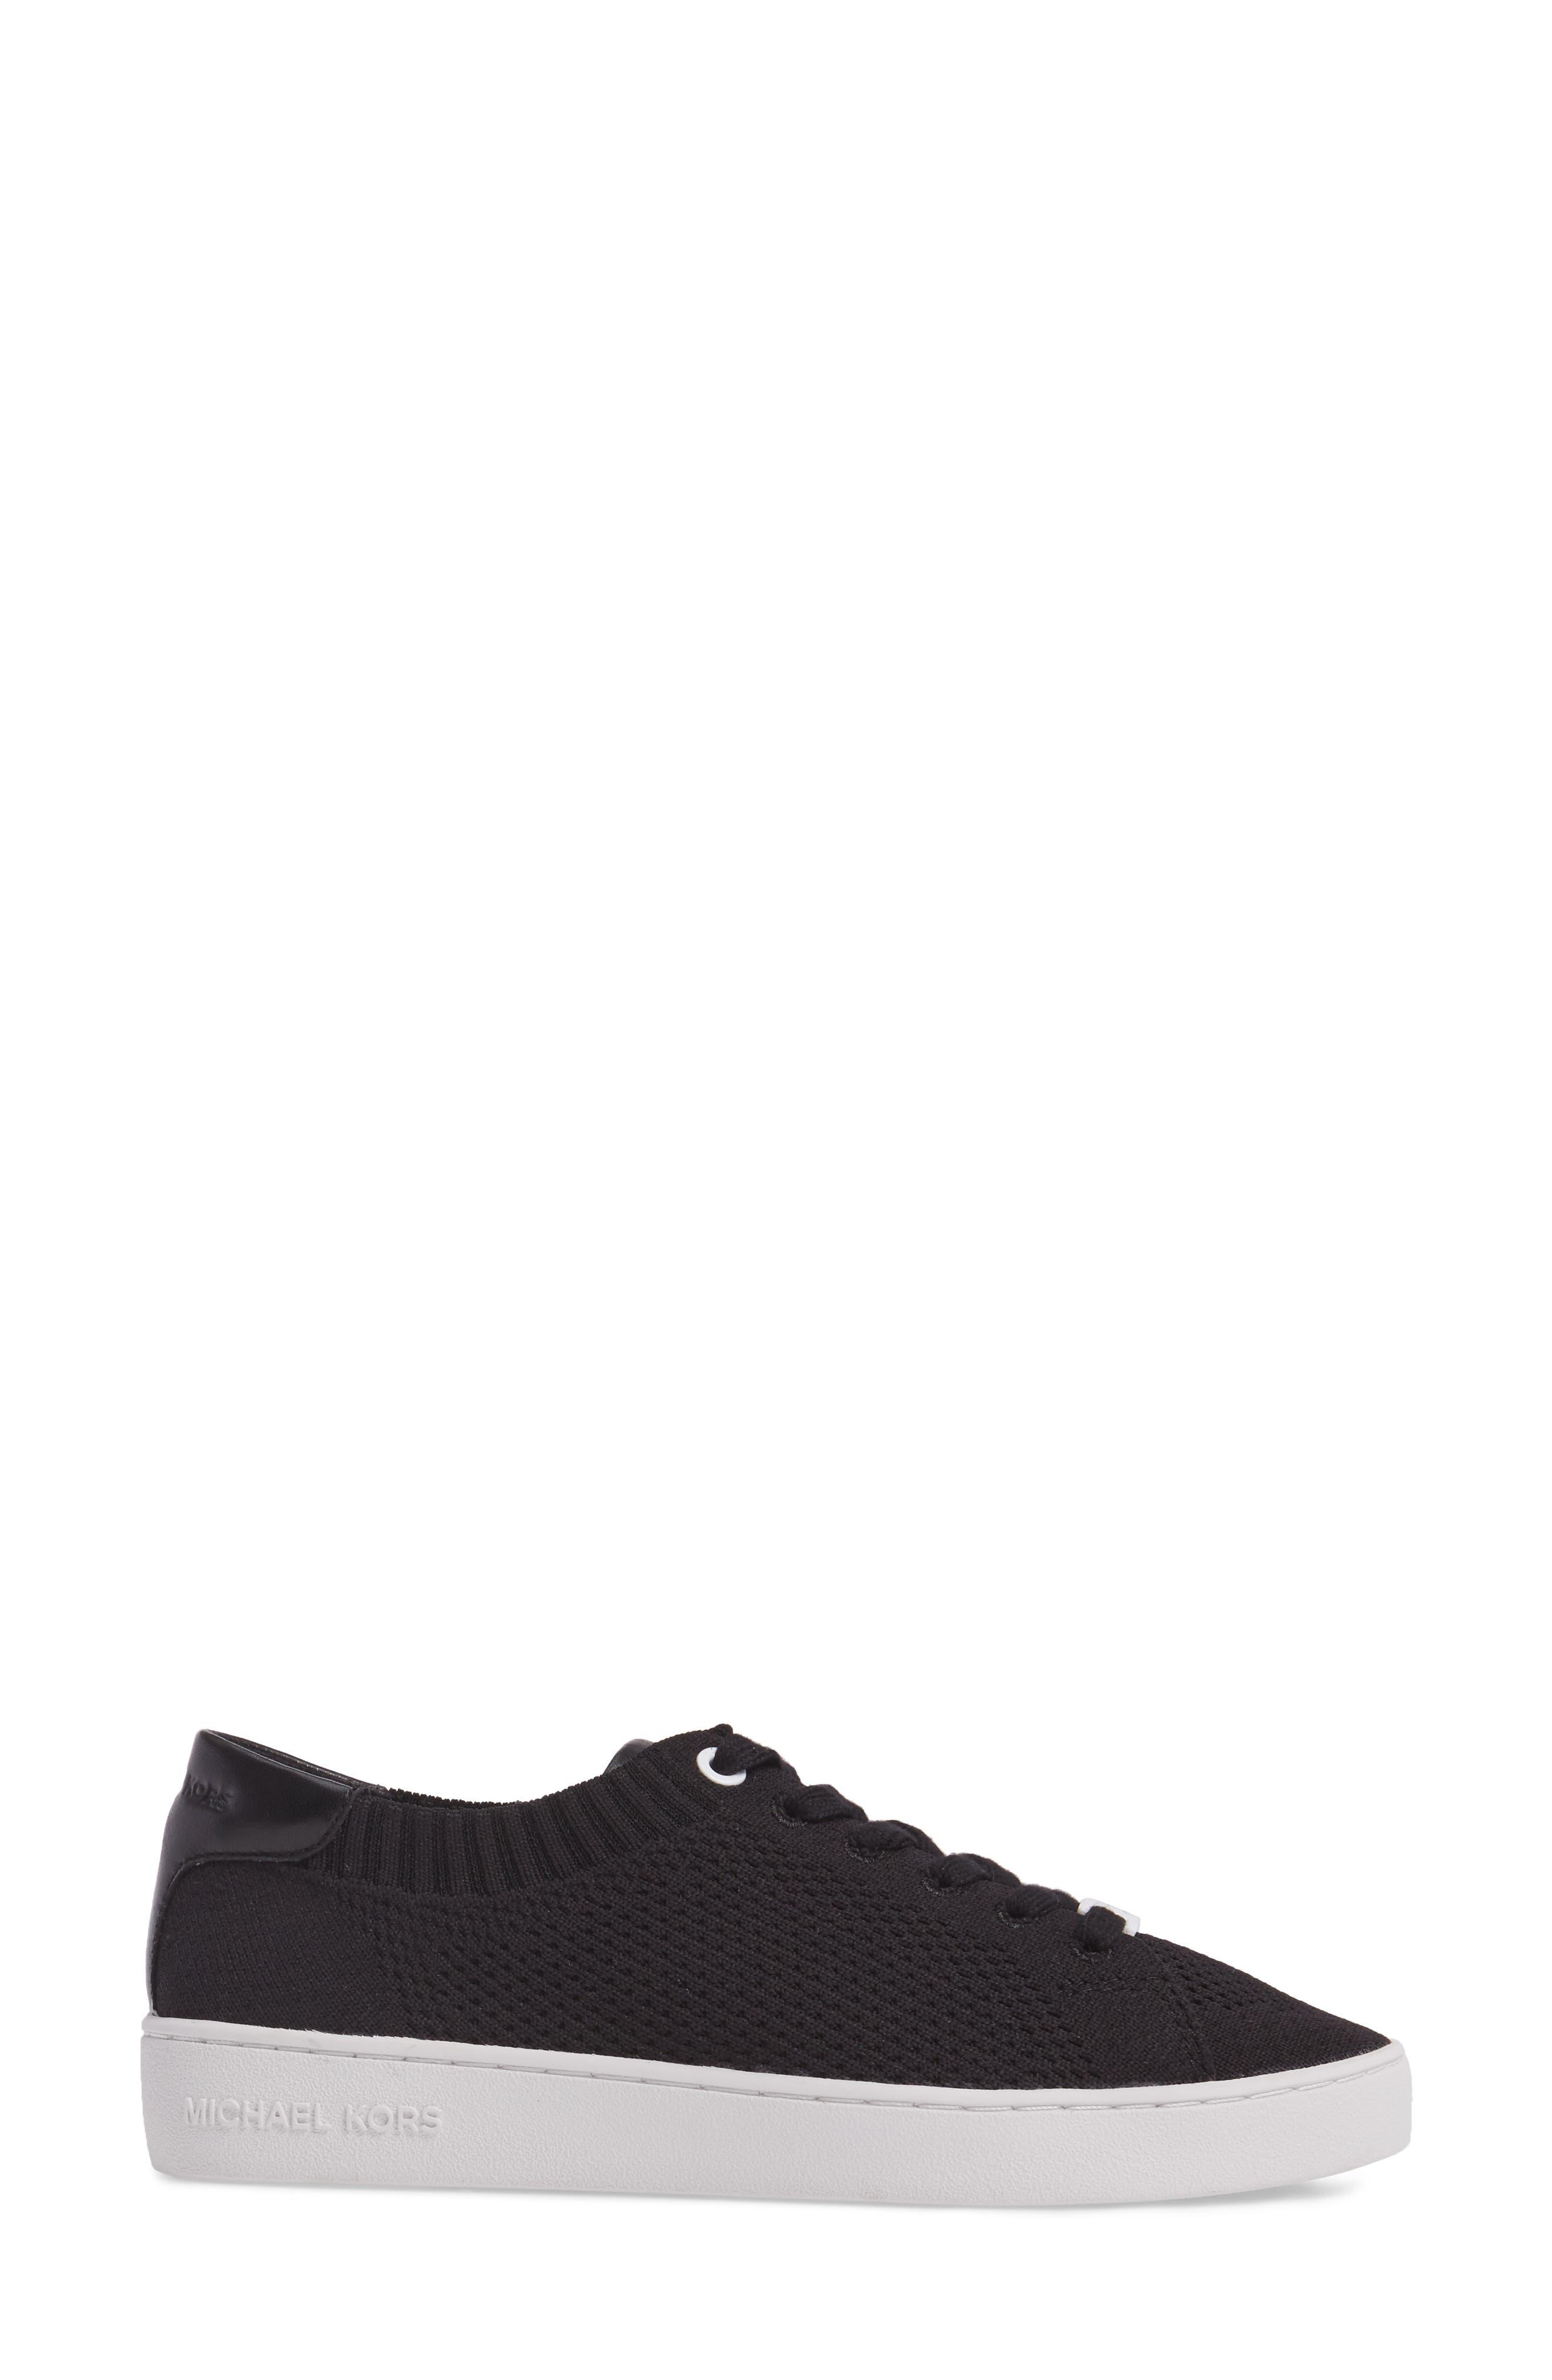 Skyler Knit Sneaker,                             Alternate thumbnail 3, color,                             001